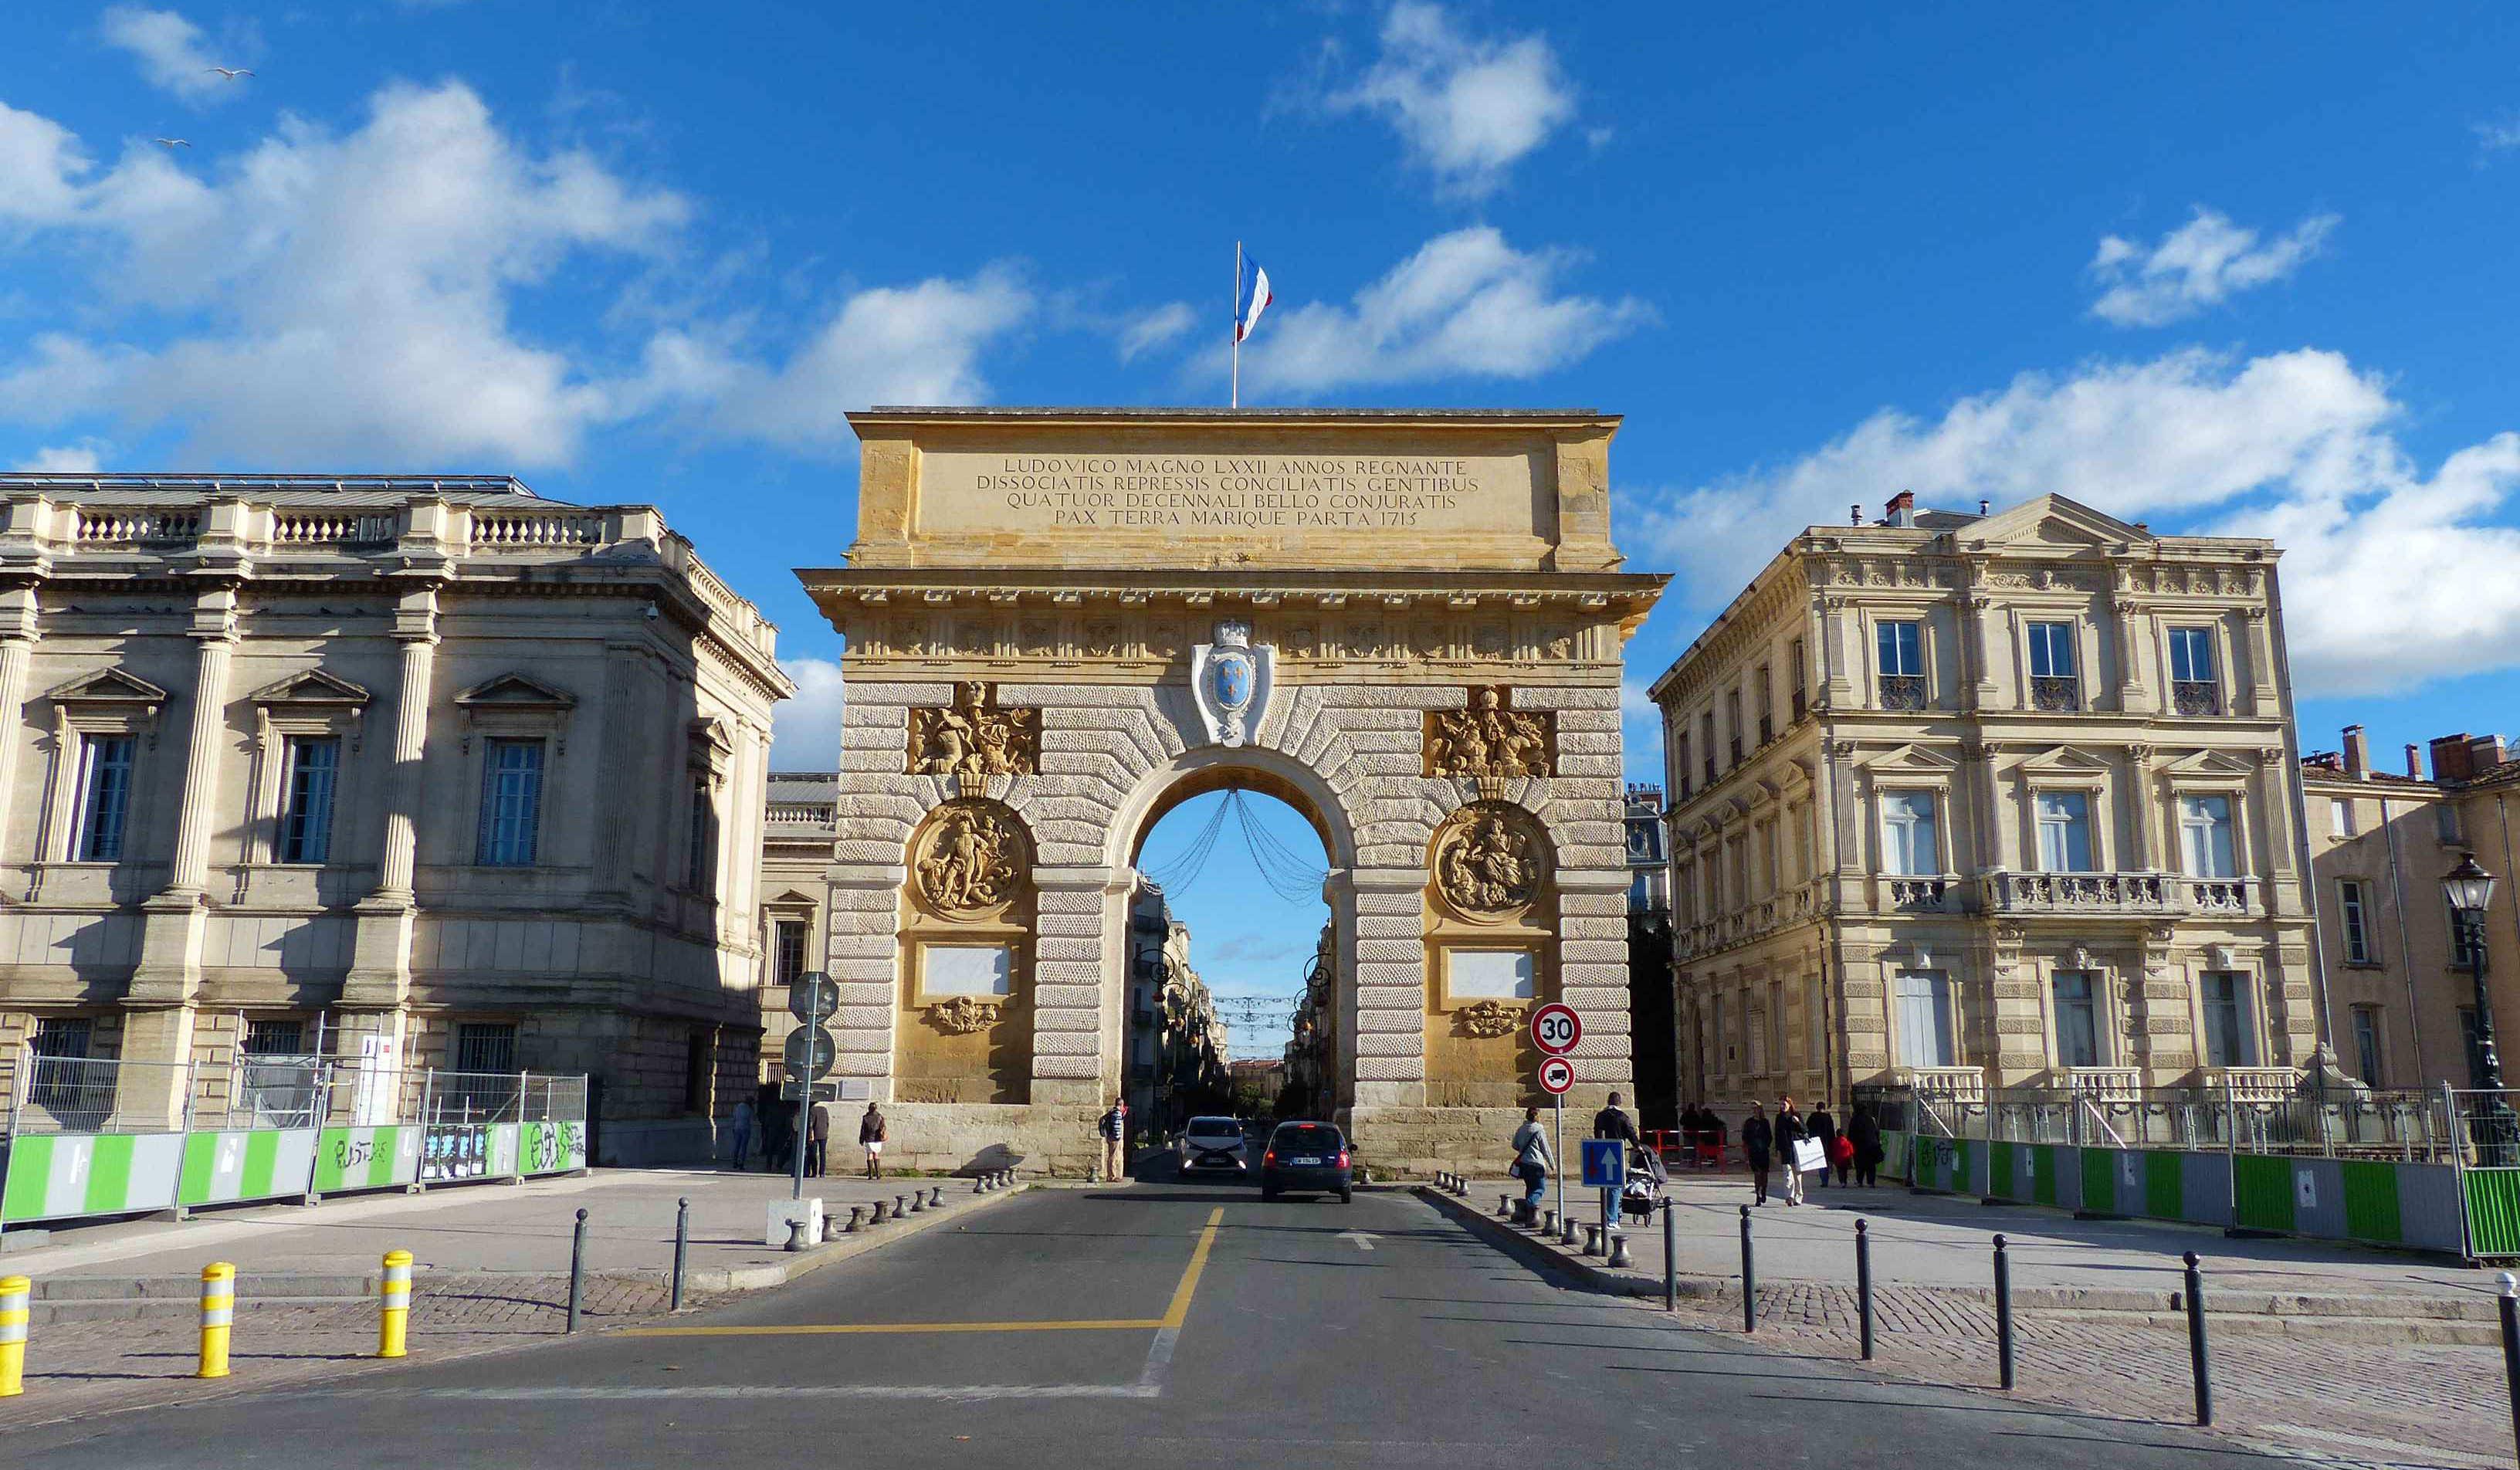 Les portes royales de louis xiv la porte royale du peyrou de montpellier noblesse royaut s - Les portes de l enfer turkmenistan ...